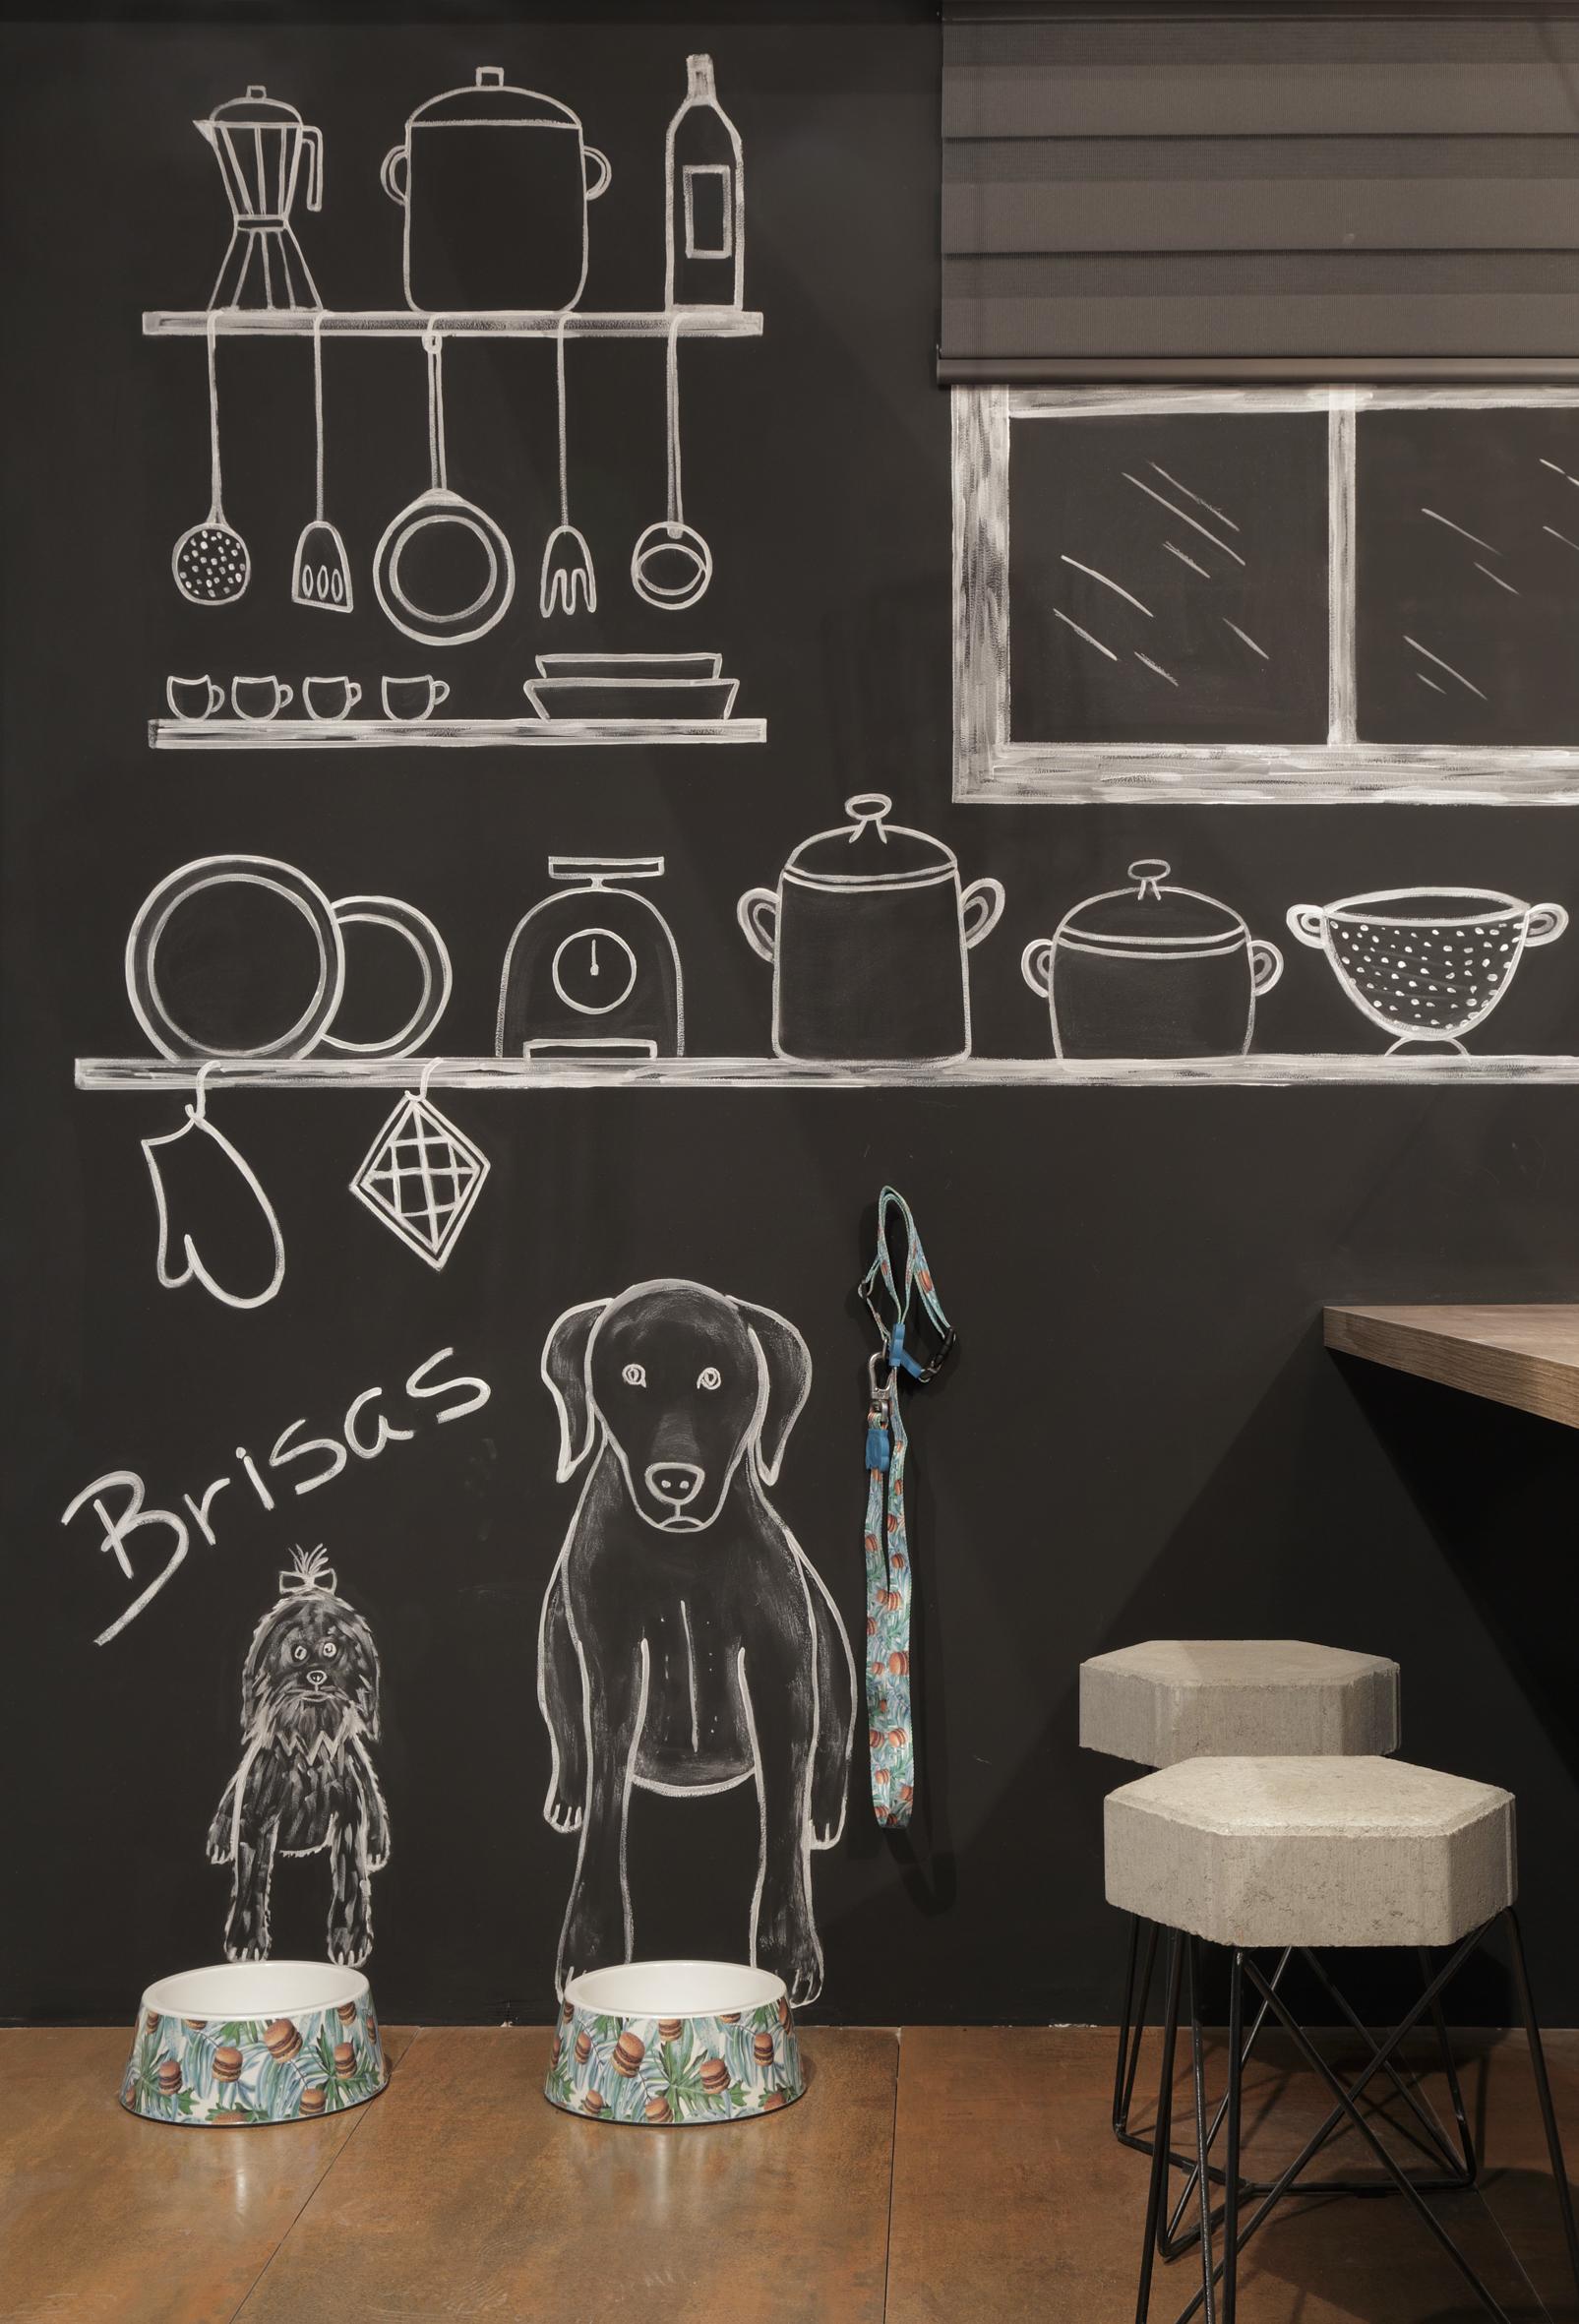 2-inspiracao-do-dia-cozinha-com-mobiliario-retro-e-ar-rustico-contemporaneo